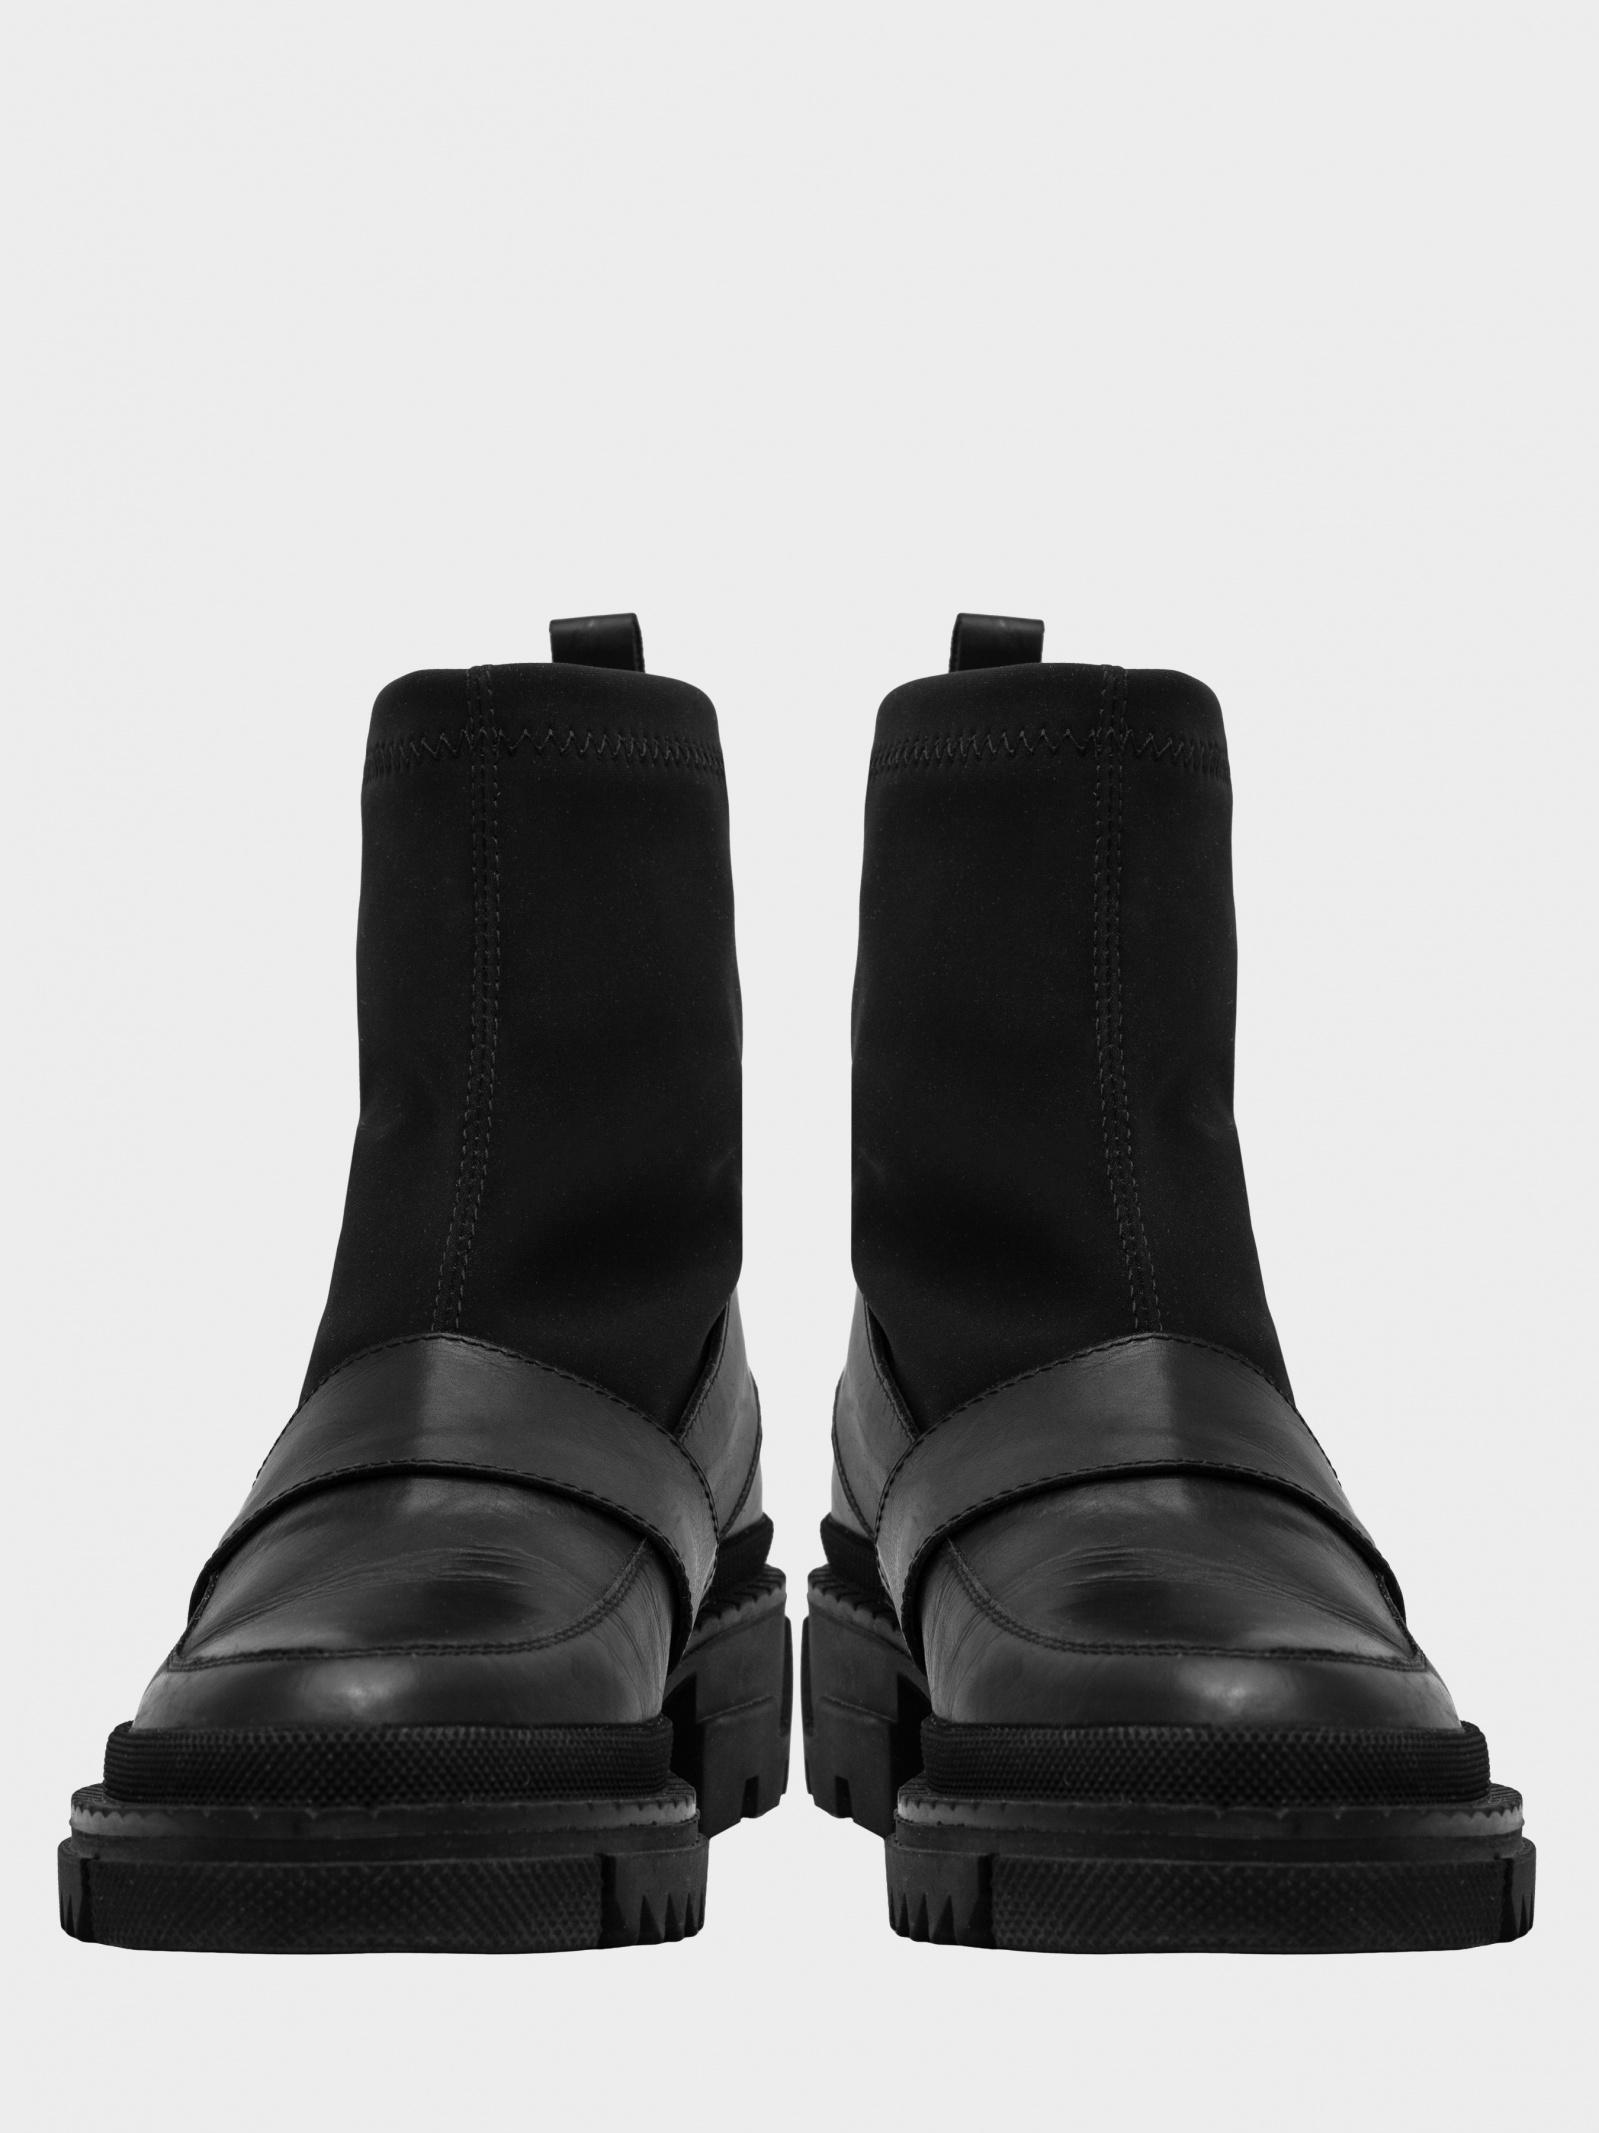 Черевики  для жінок Enzo Verratti 18-7449-2 замовити, 2017